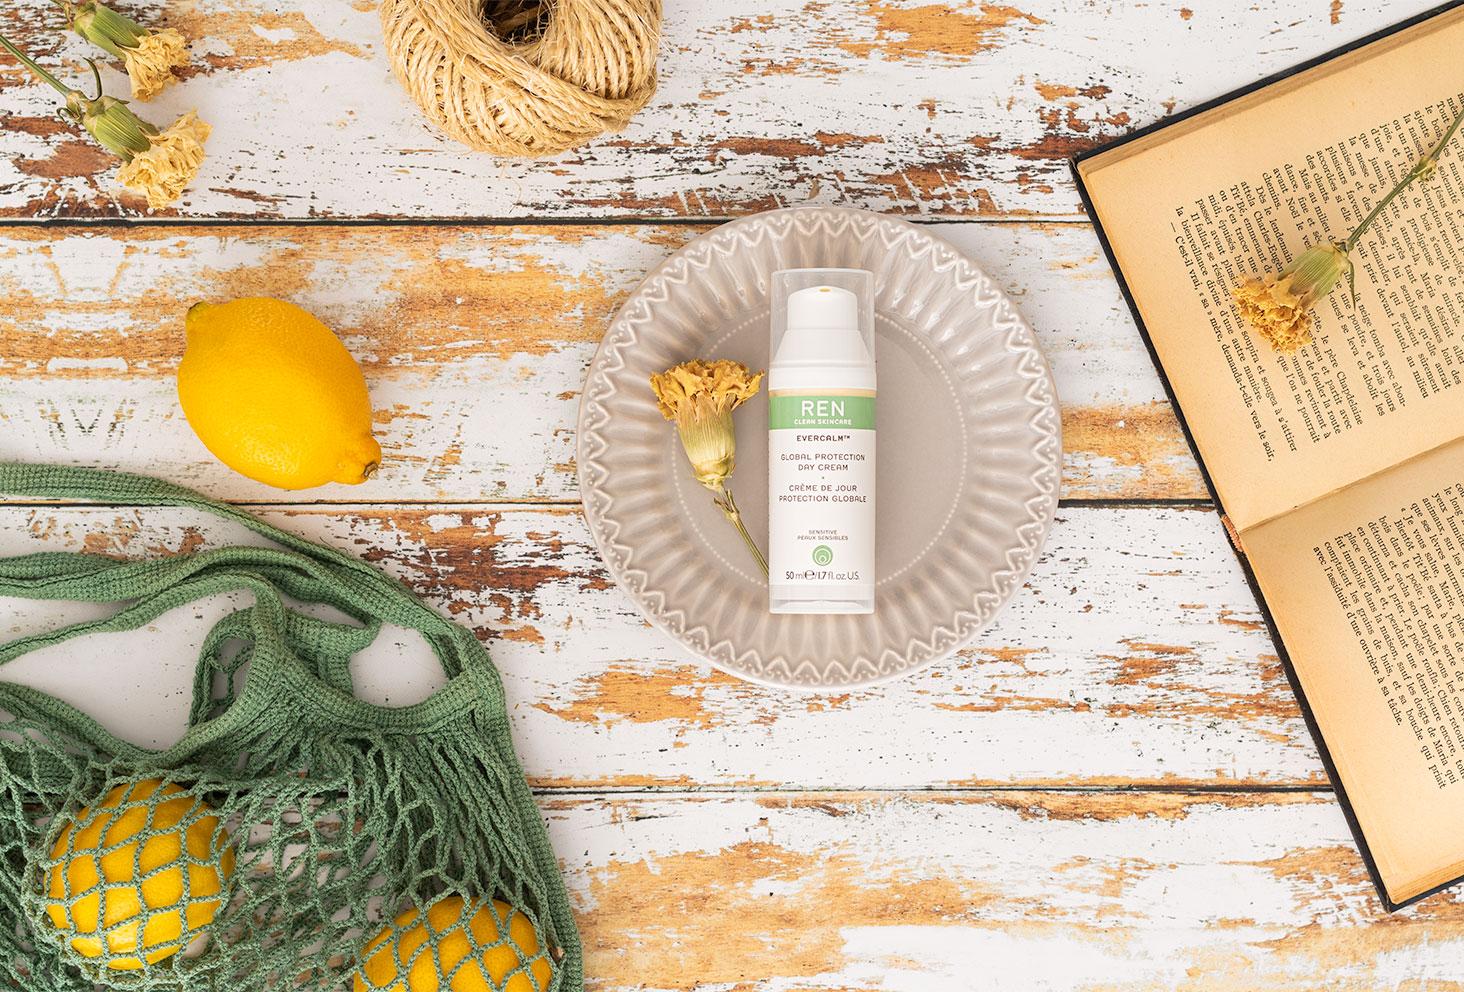 La crème de jour protection globale de Ren posée dans une assiette à côté d'un livre ancien et de citron